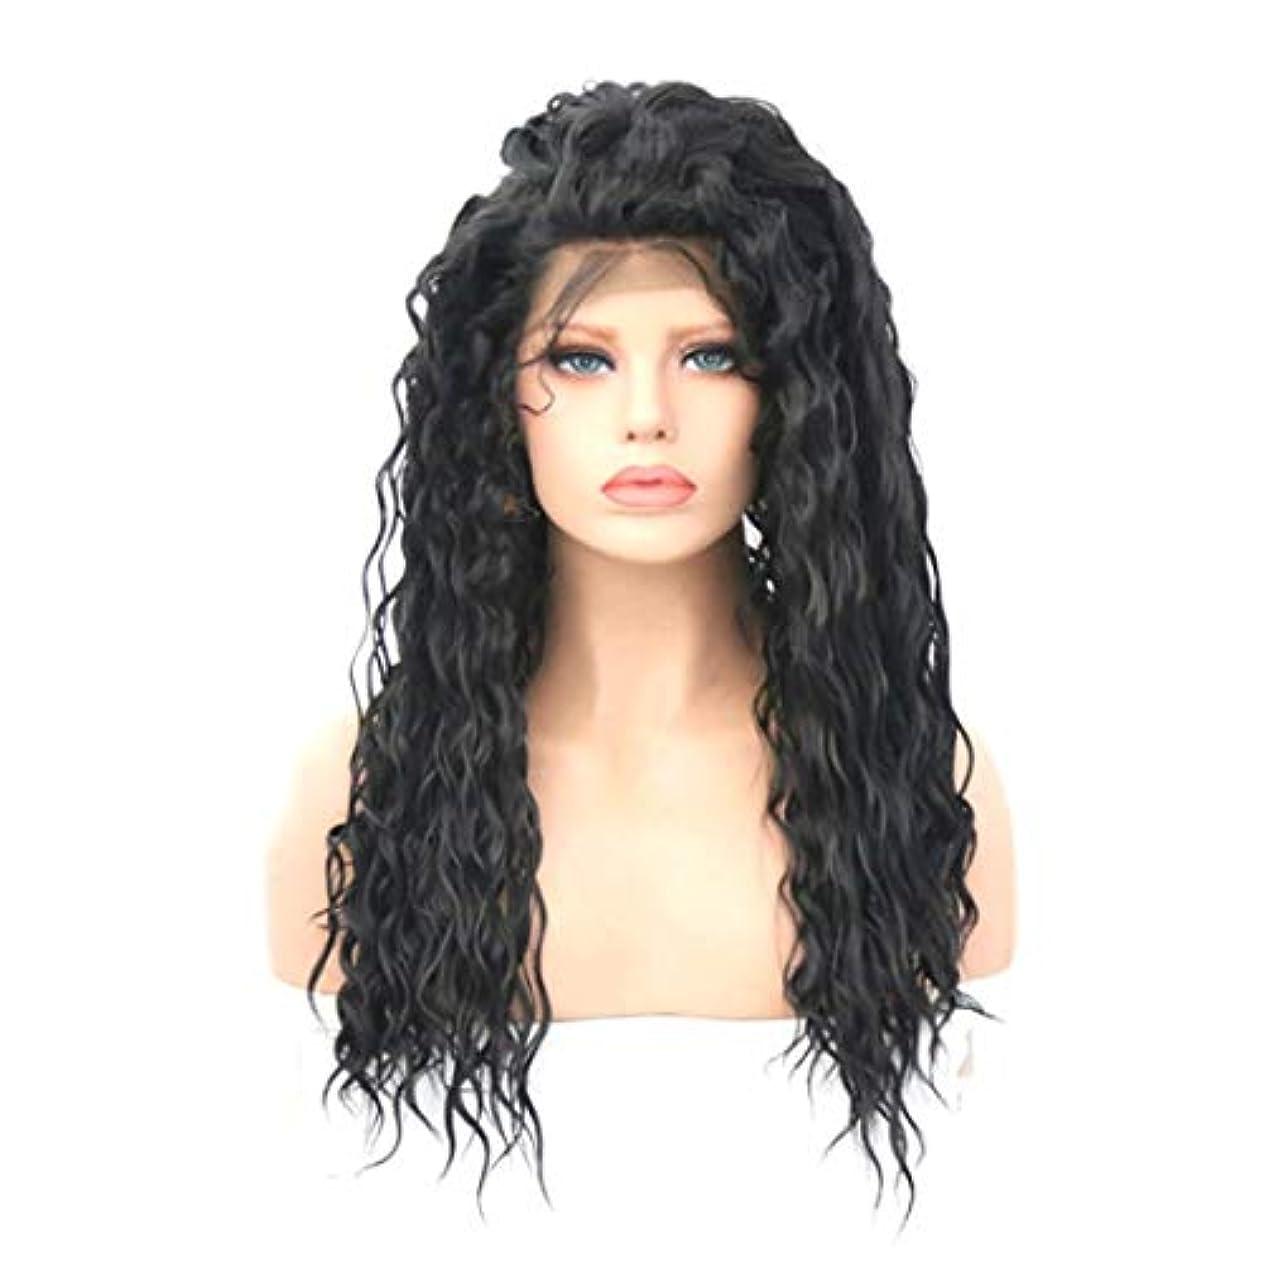 単位ゴミ箱を空にするホットSummerys 女性のための長い巻き毛のかつらかつらかつらと人工的な毛髪のかつら本物の髪として自然なかつら (Size : 16inch)